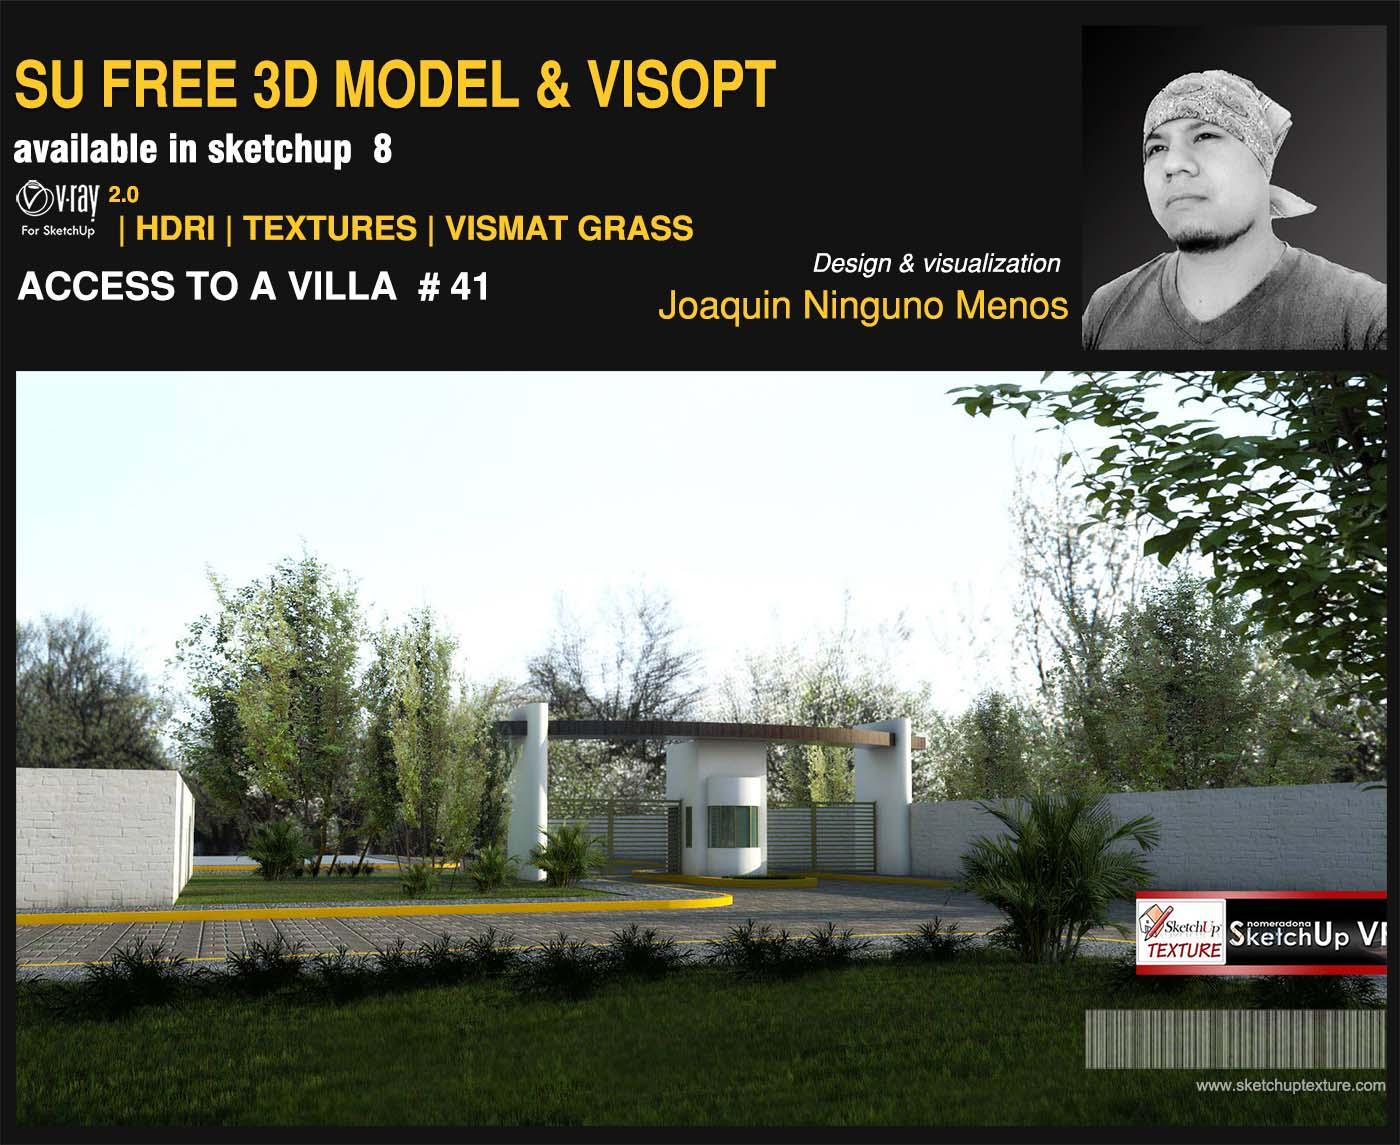 free sketchup model access to a villa #41 and vray Visopt